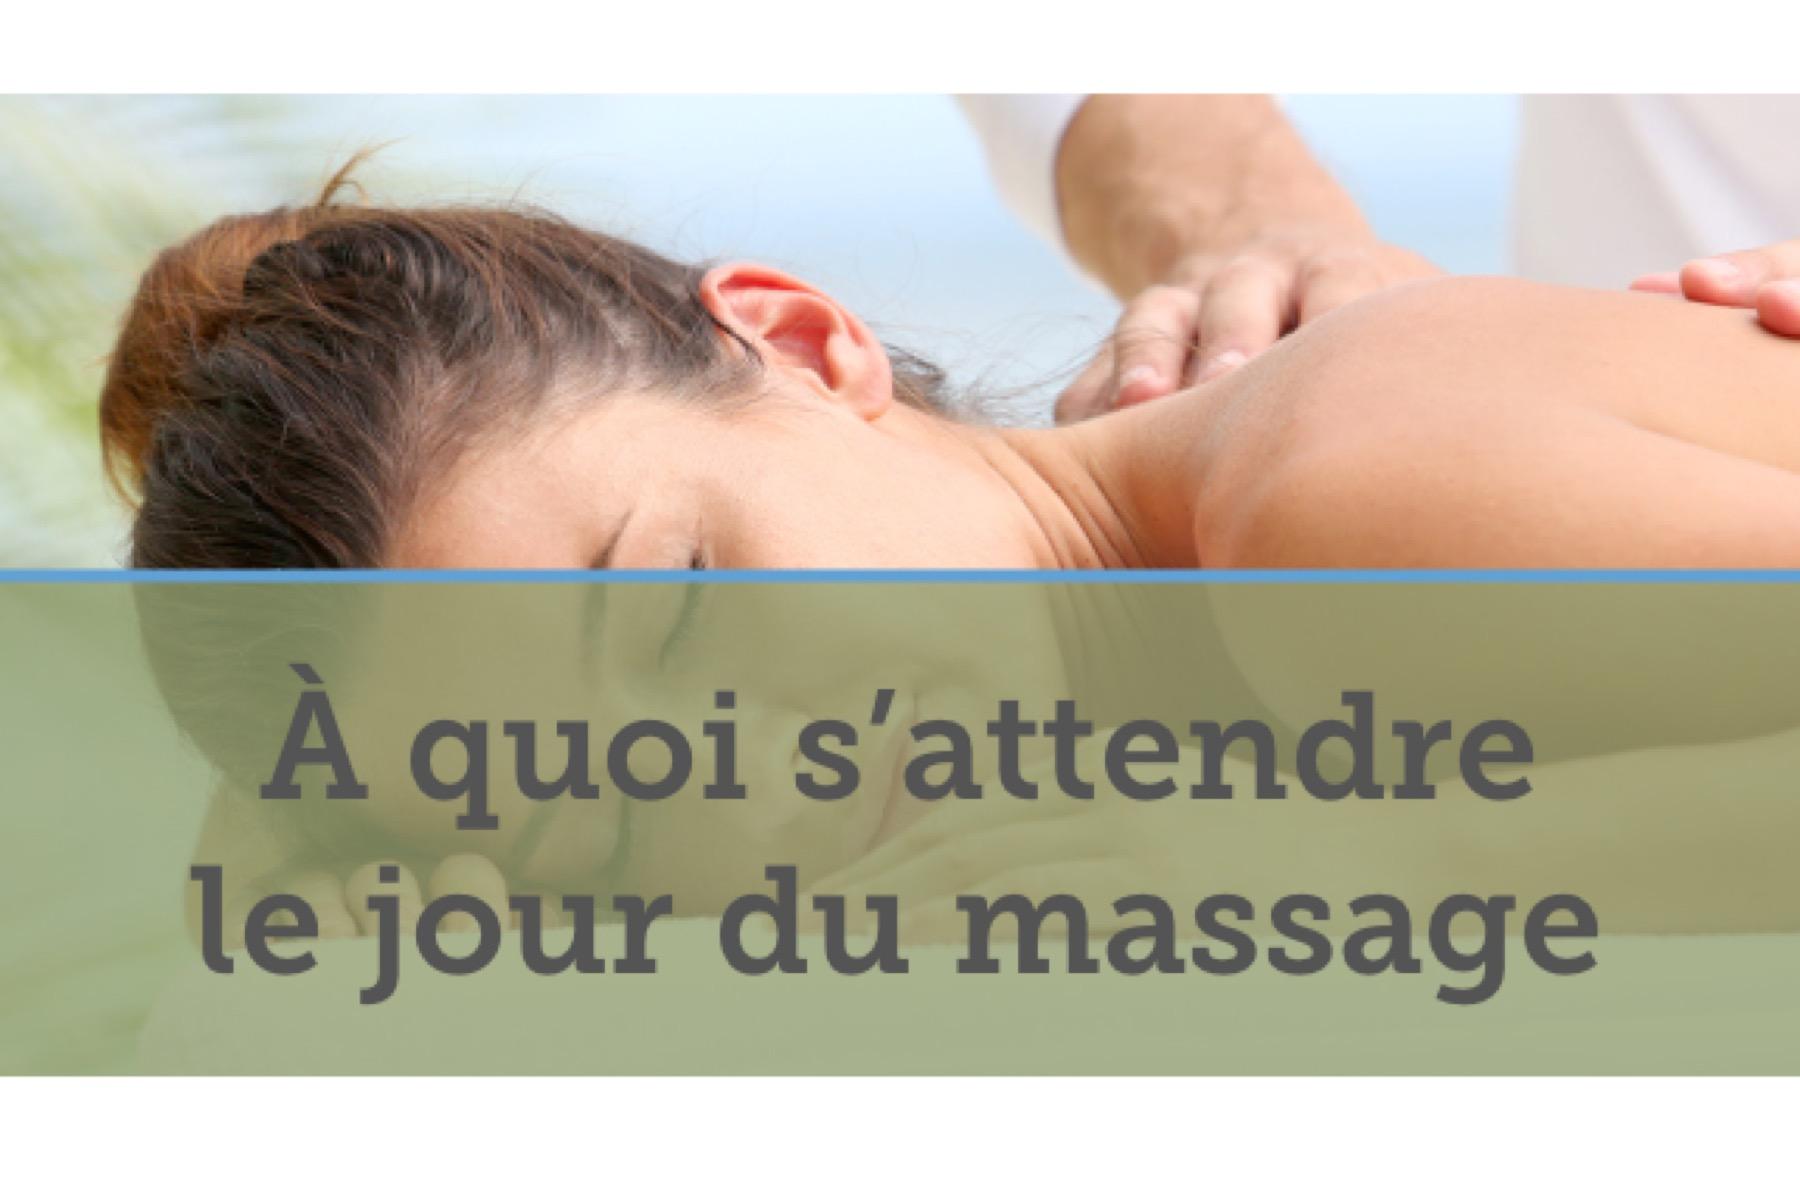 le jour du massage - Spa Mobile